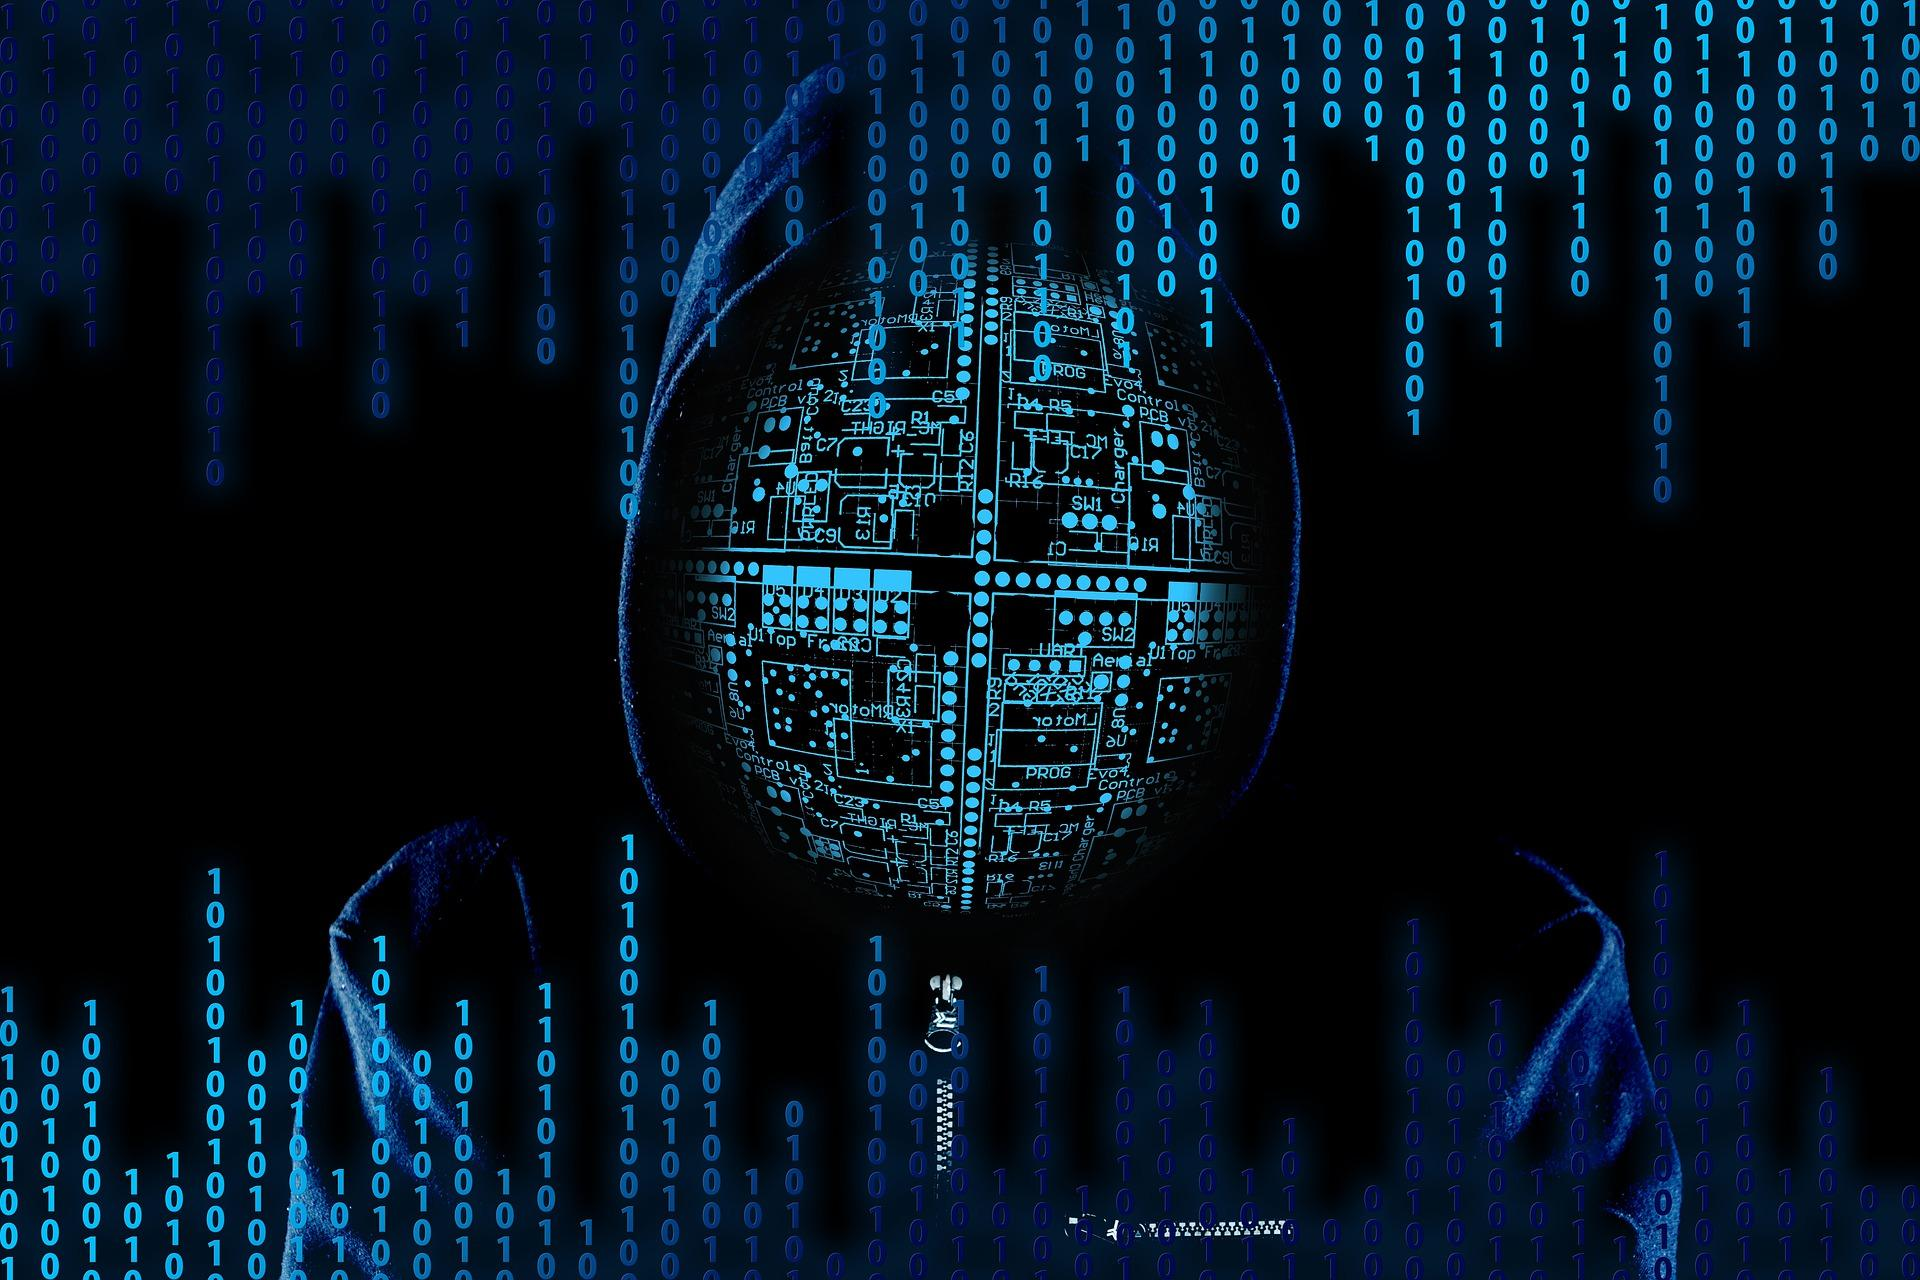 5 причин неставитьвзломанное программное обеспечение насвой ПК